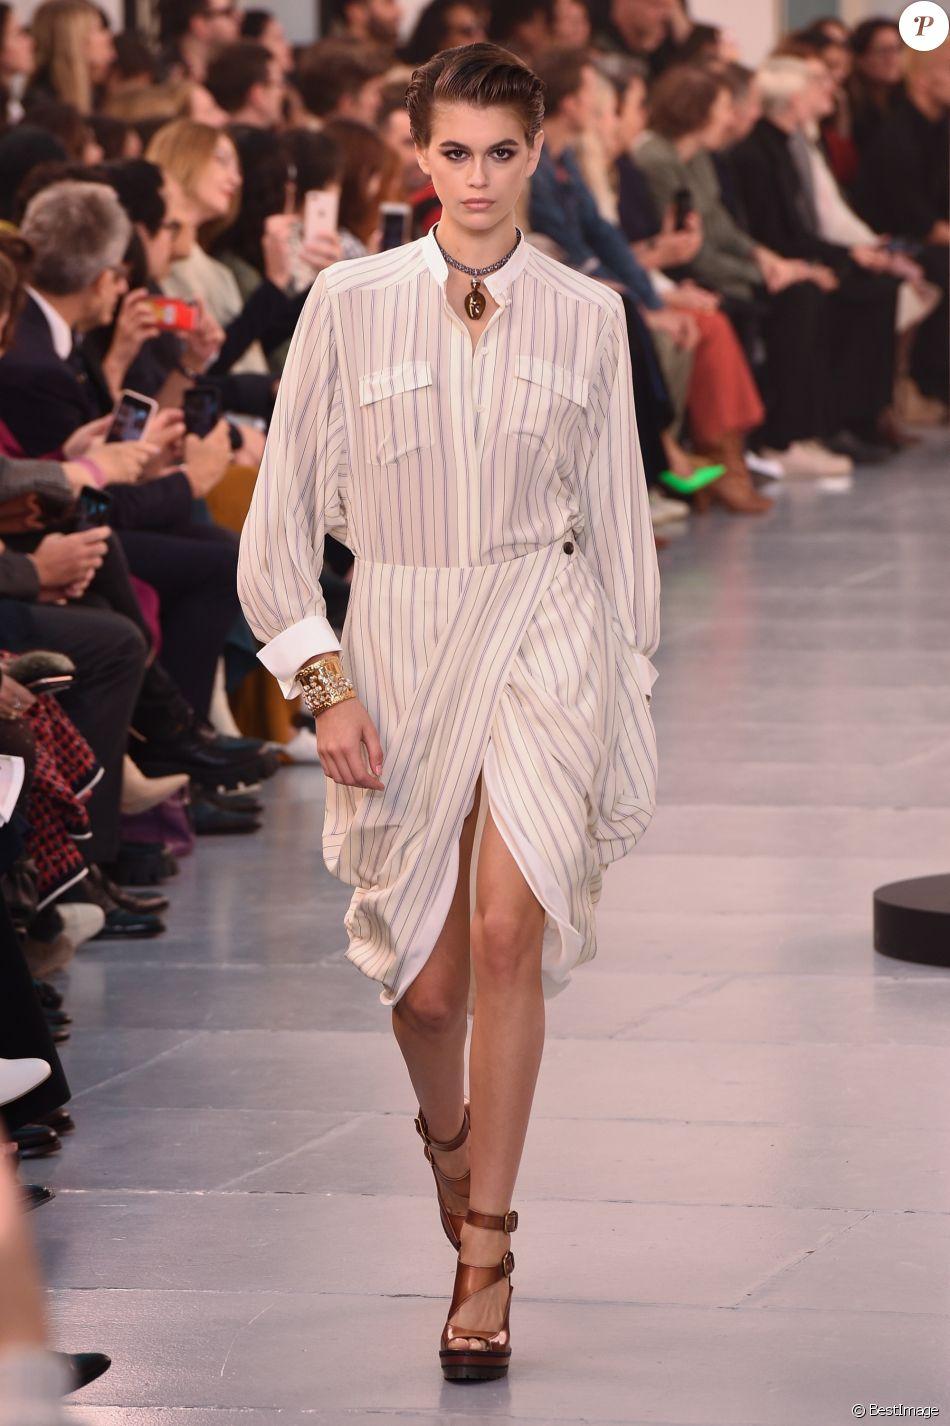 Défilé De Mode Chloé Collection Printemps été 2020 Au Grand Palais à Paris Le 26 Septembre 2019 Purepeople